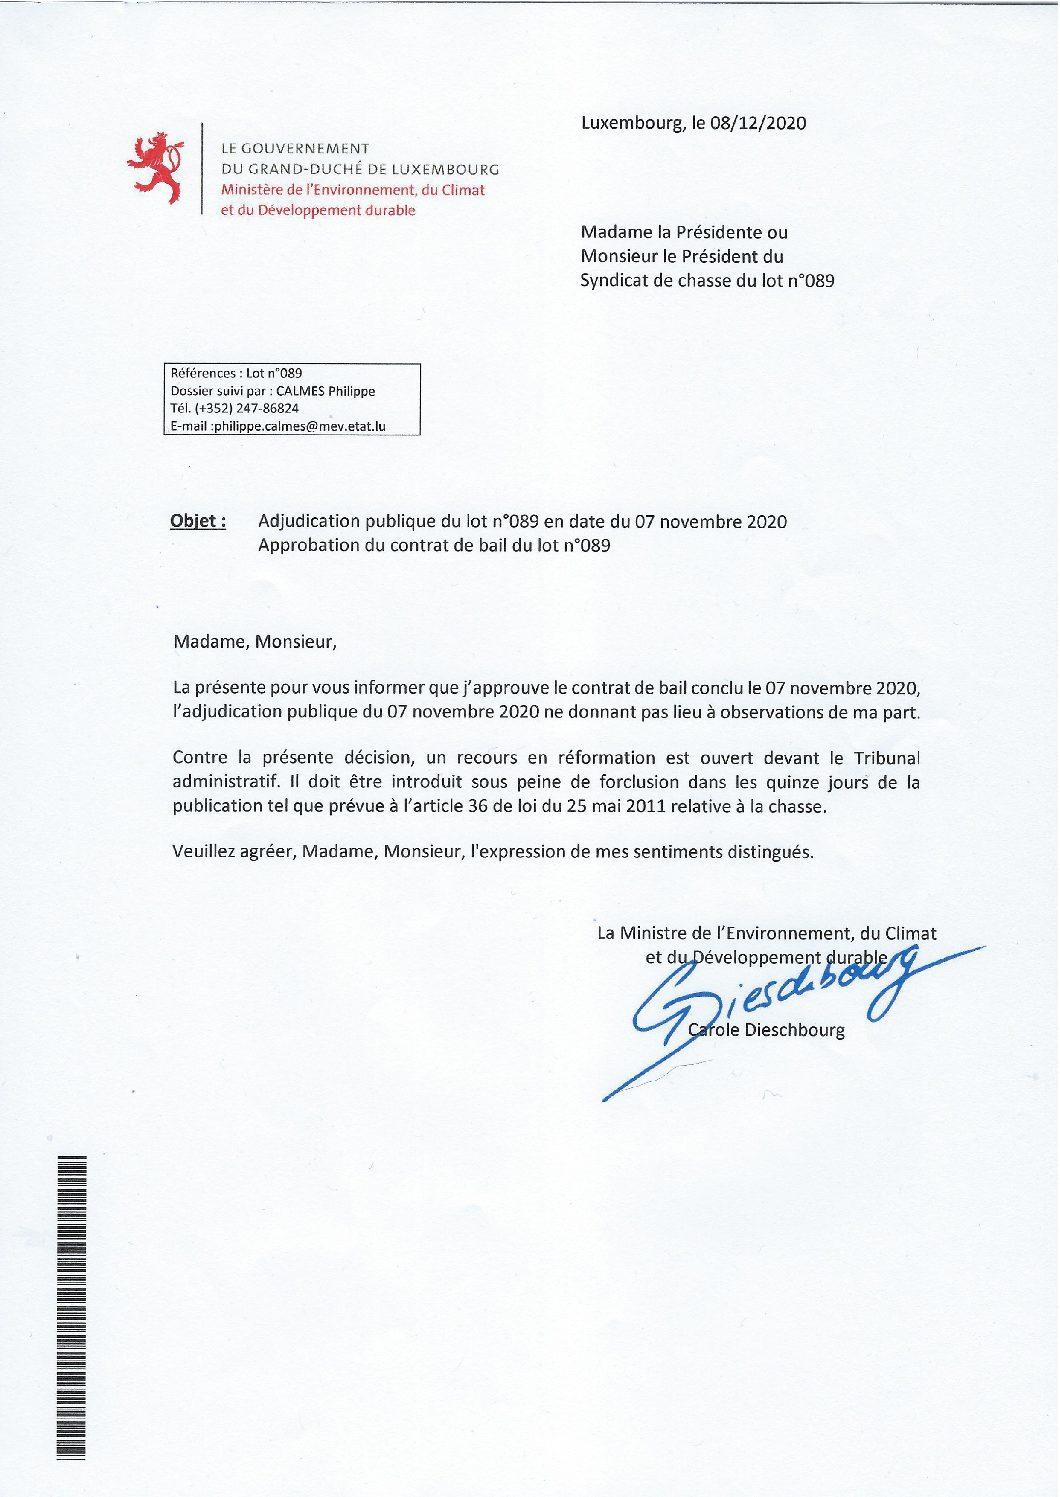 Approbation contrat de bail lot n°089